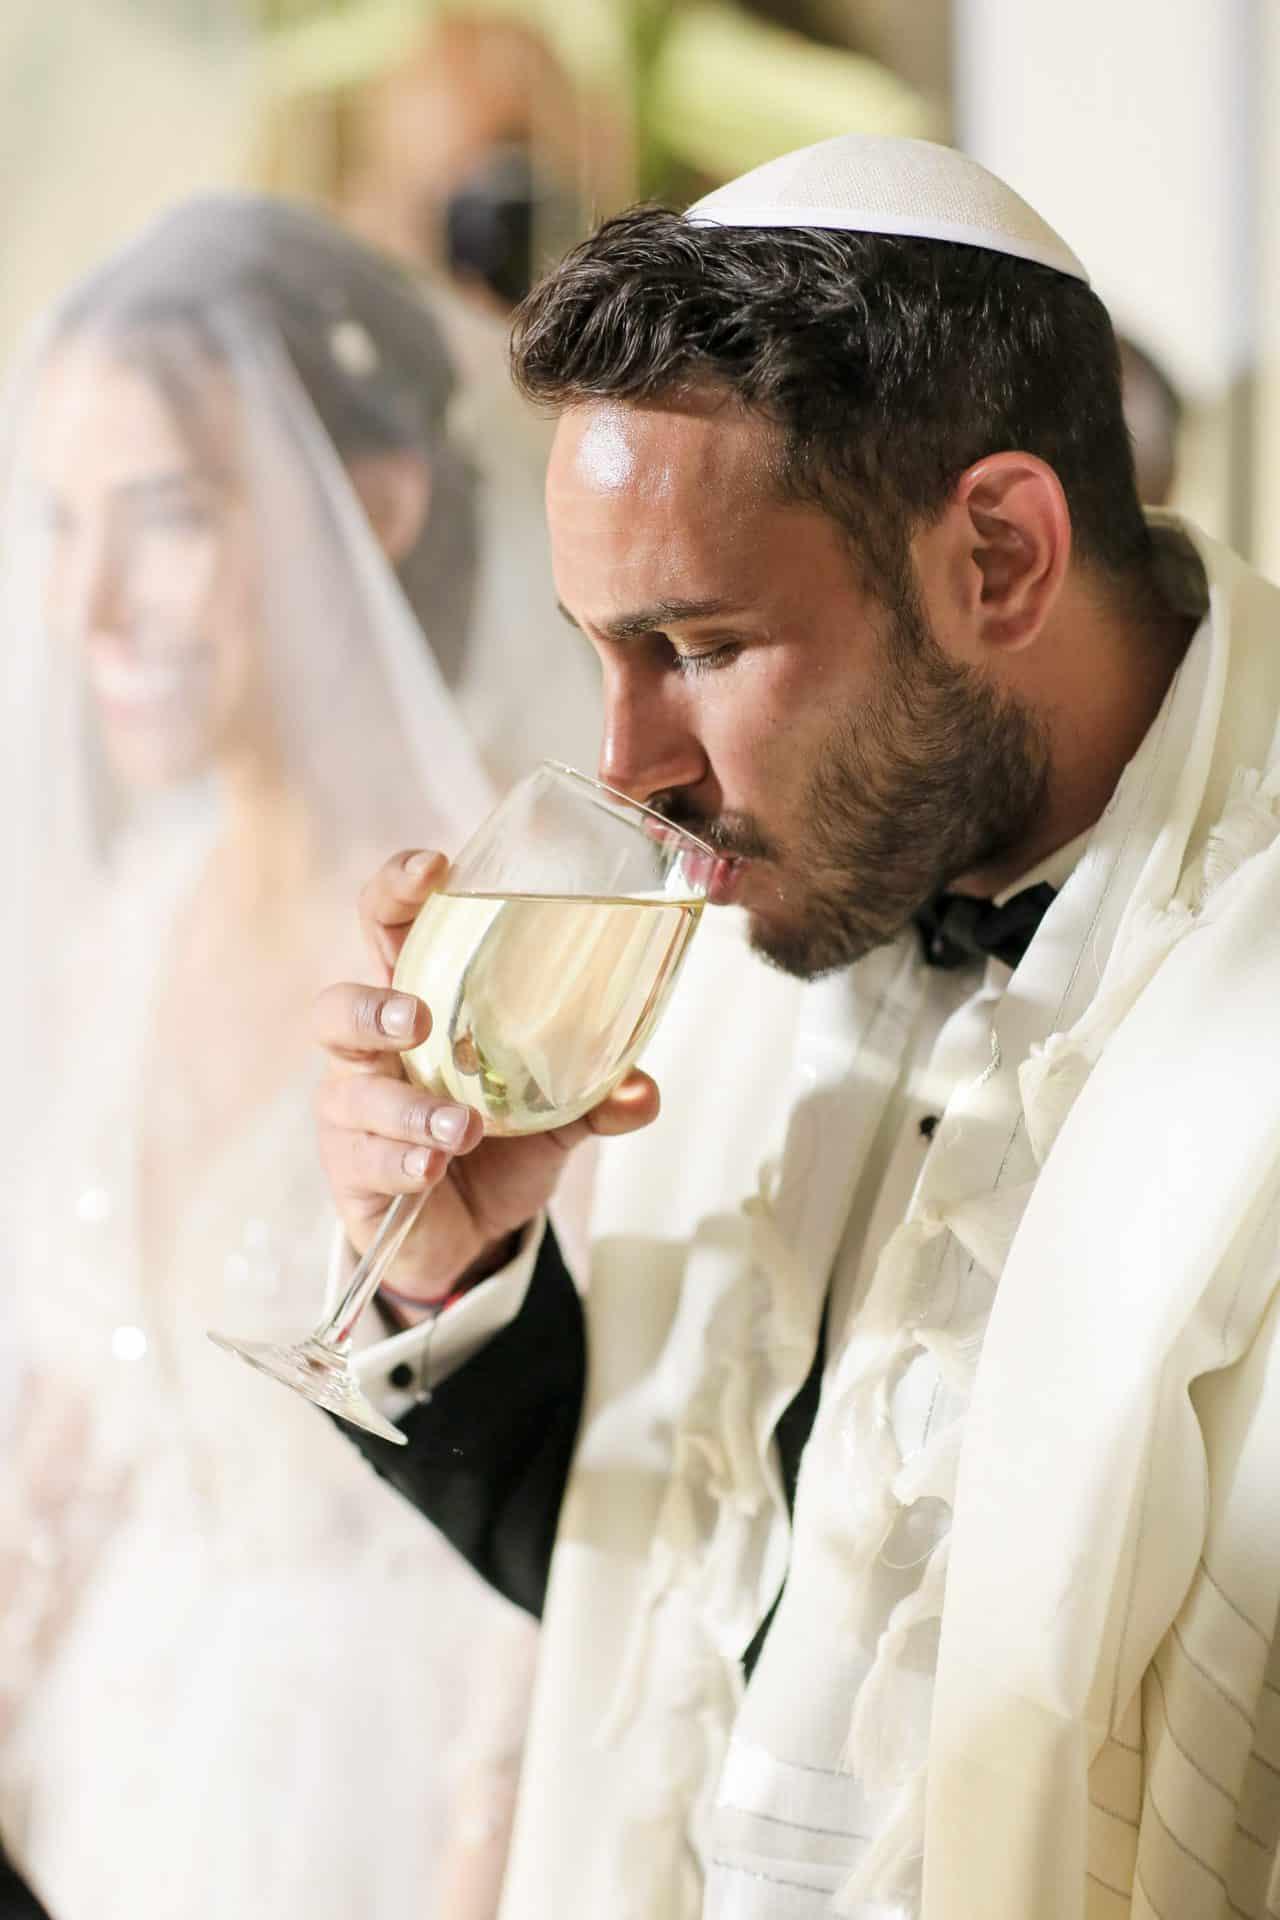 מנהל אירוע חיצוני בחתונה